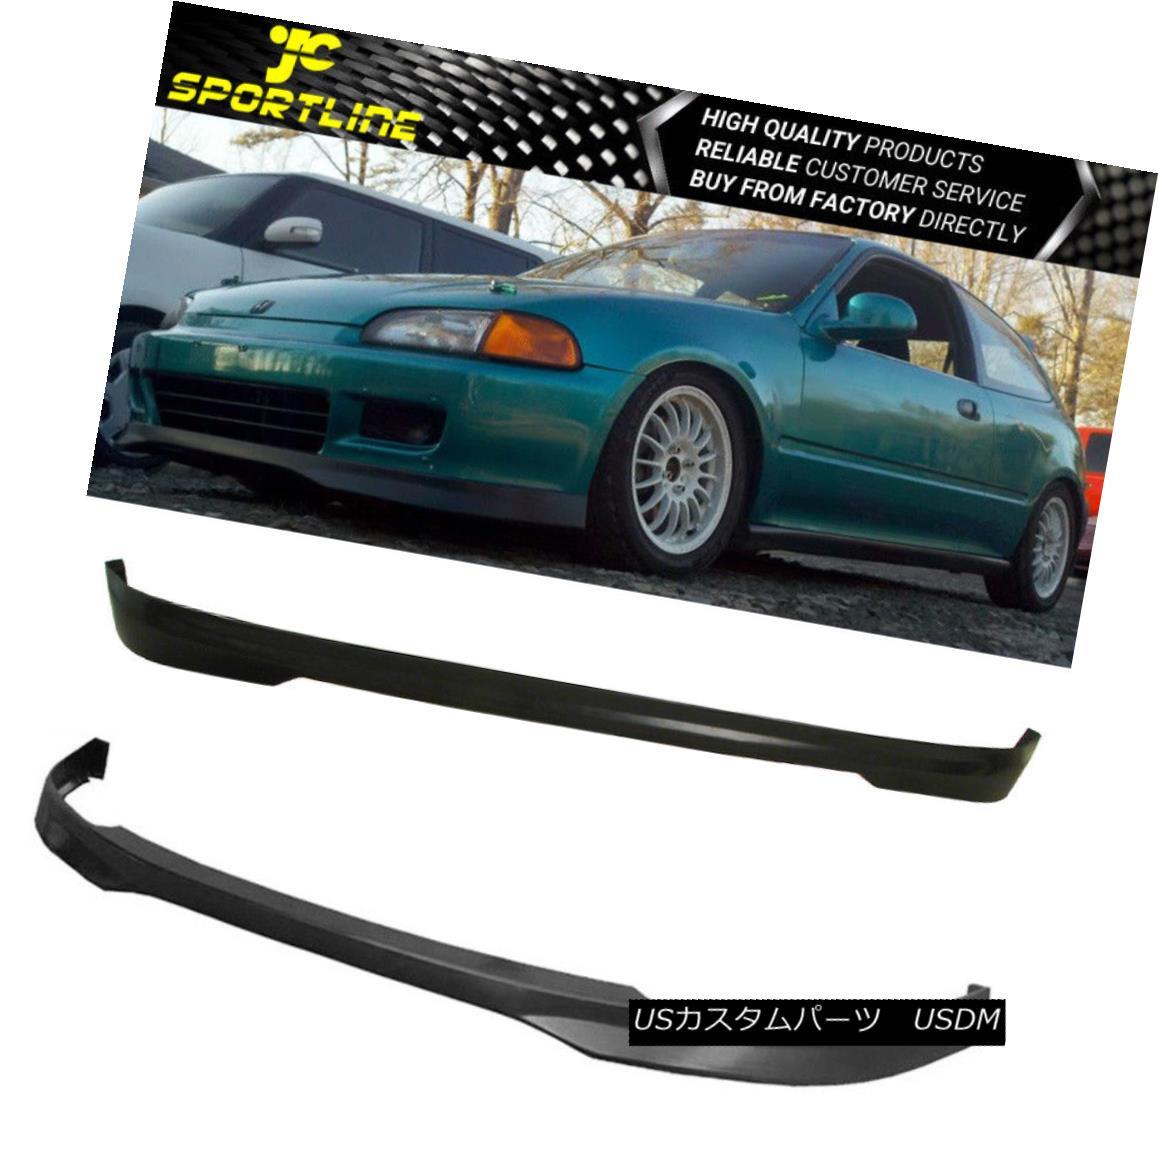 エアロパーツ Fits 92-95 Honda Civic 3DR TR Black PU Front & Rear Bumper Lip Spoiler Bodykit フィット92-95ホンダシビック3DR TRブラックPUフロント& リアバンパーリップスポイラーボディキット